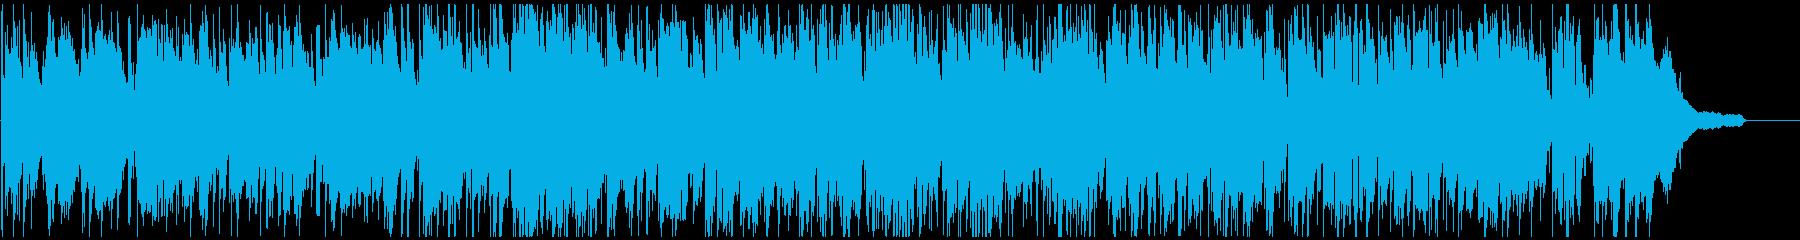 おめでとうクリスマス/ジャズ ※鐘なし版の再生済みの波形